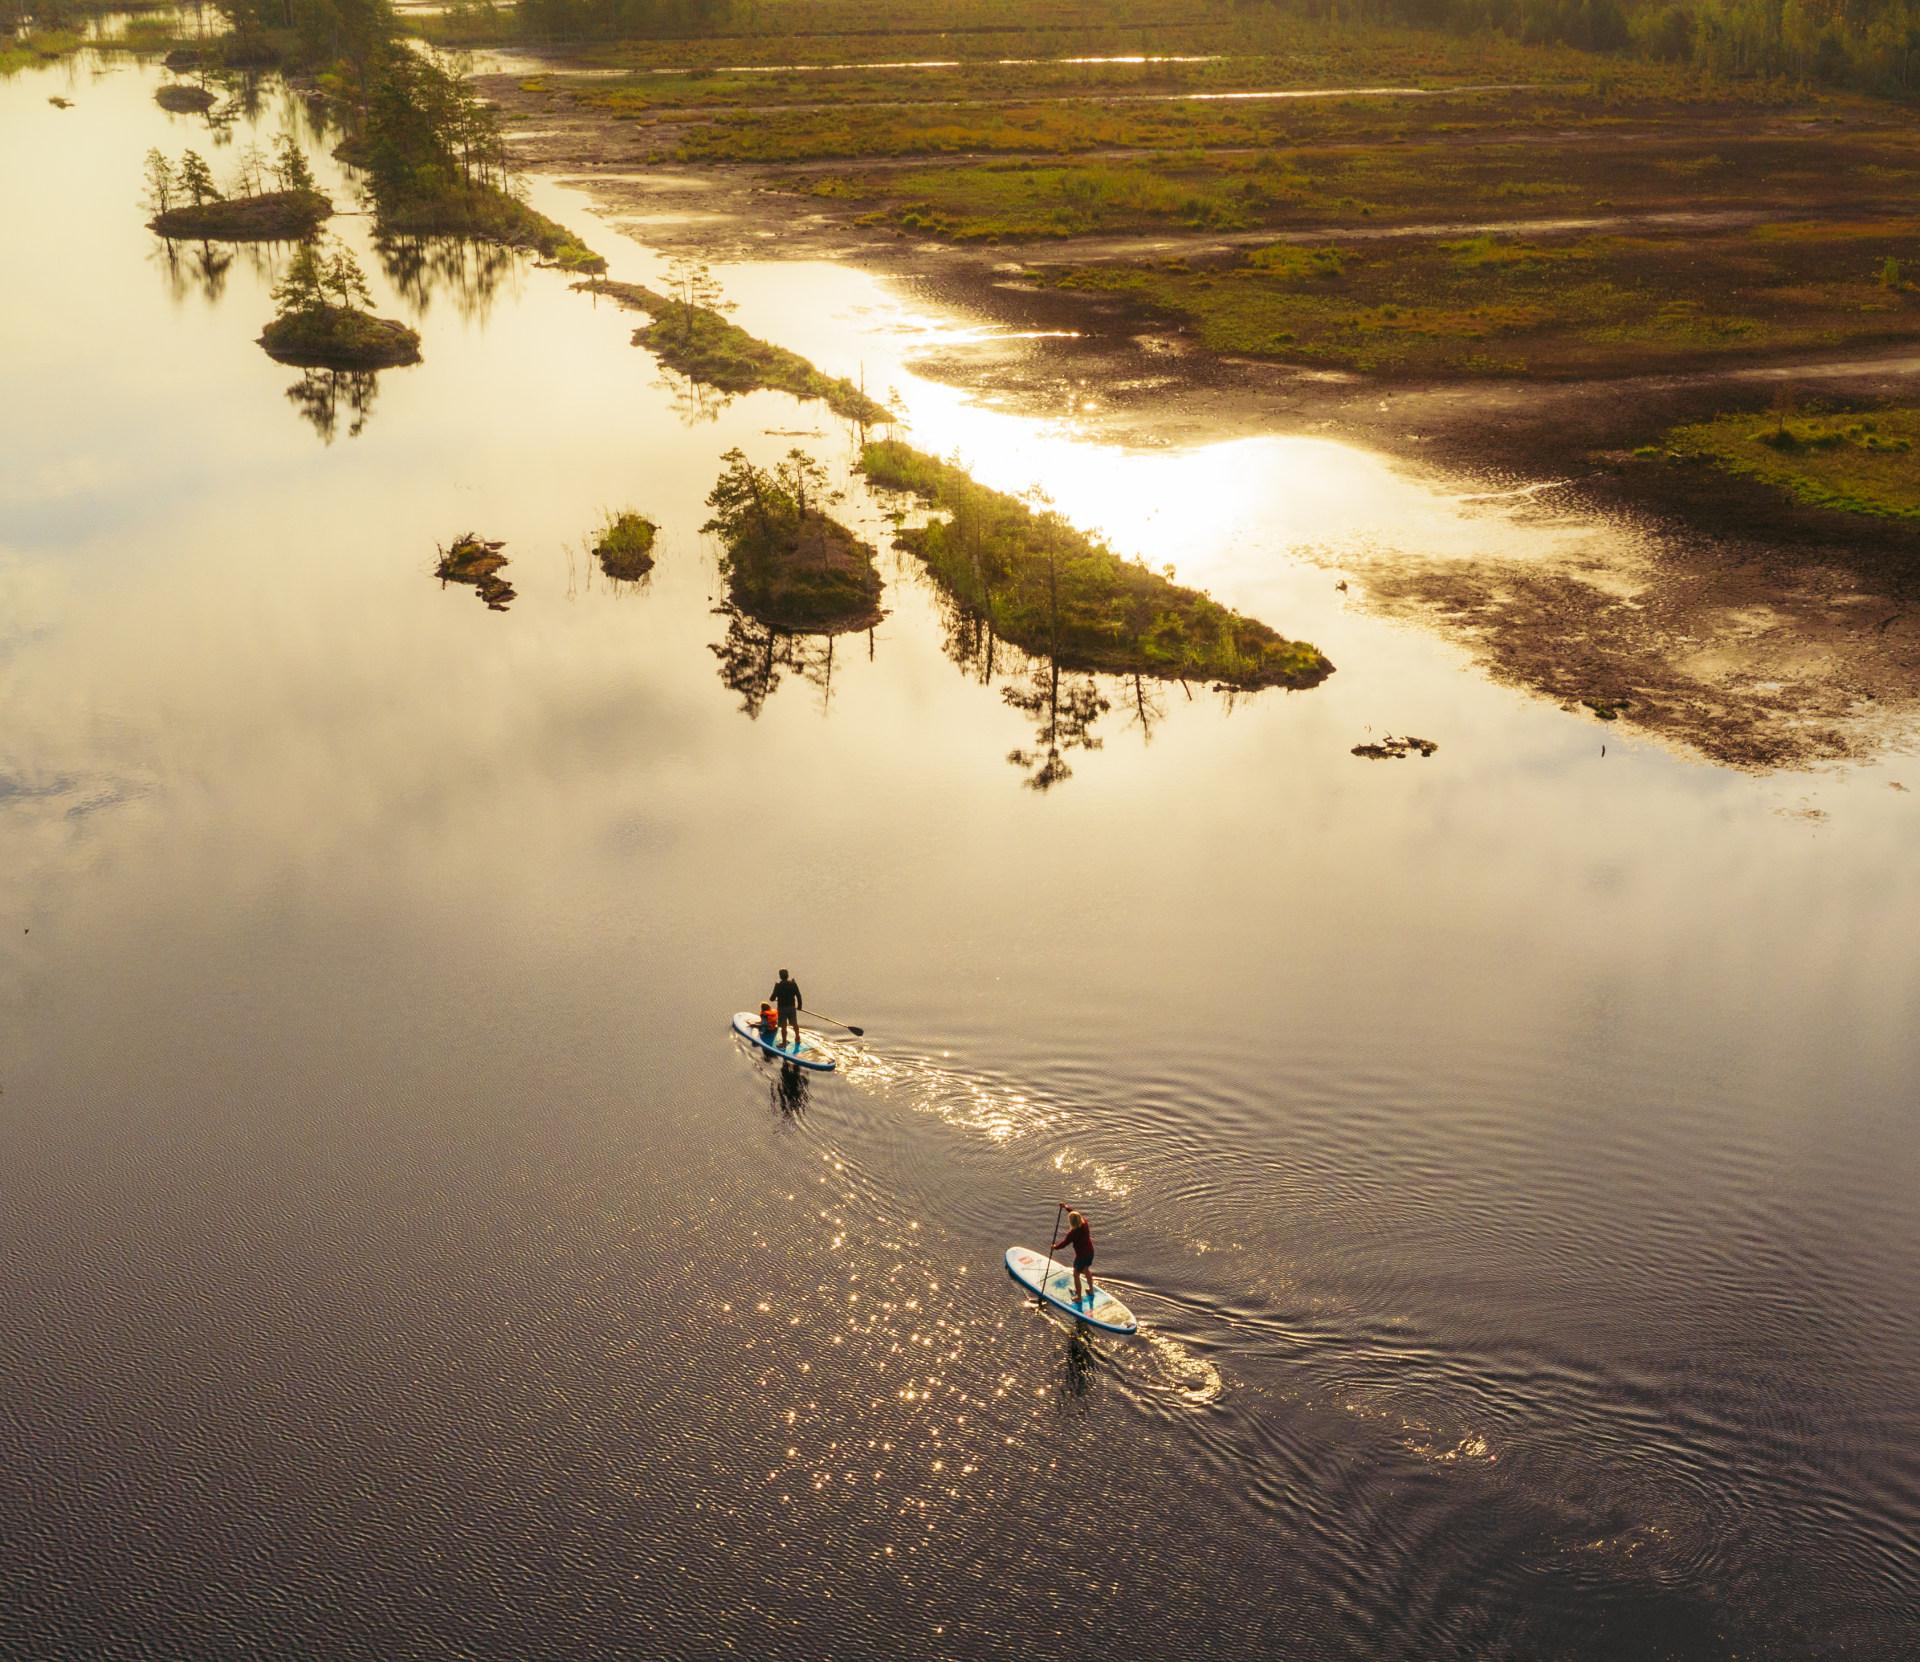 fotografia-aerea-droni-dji-sport-acquatici-7